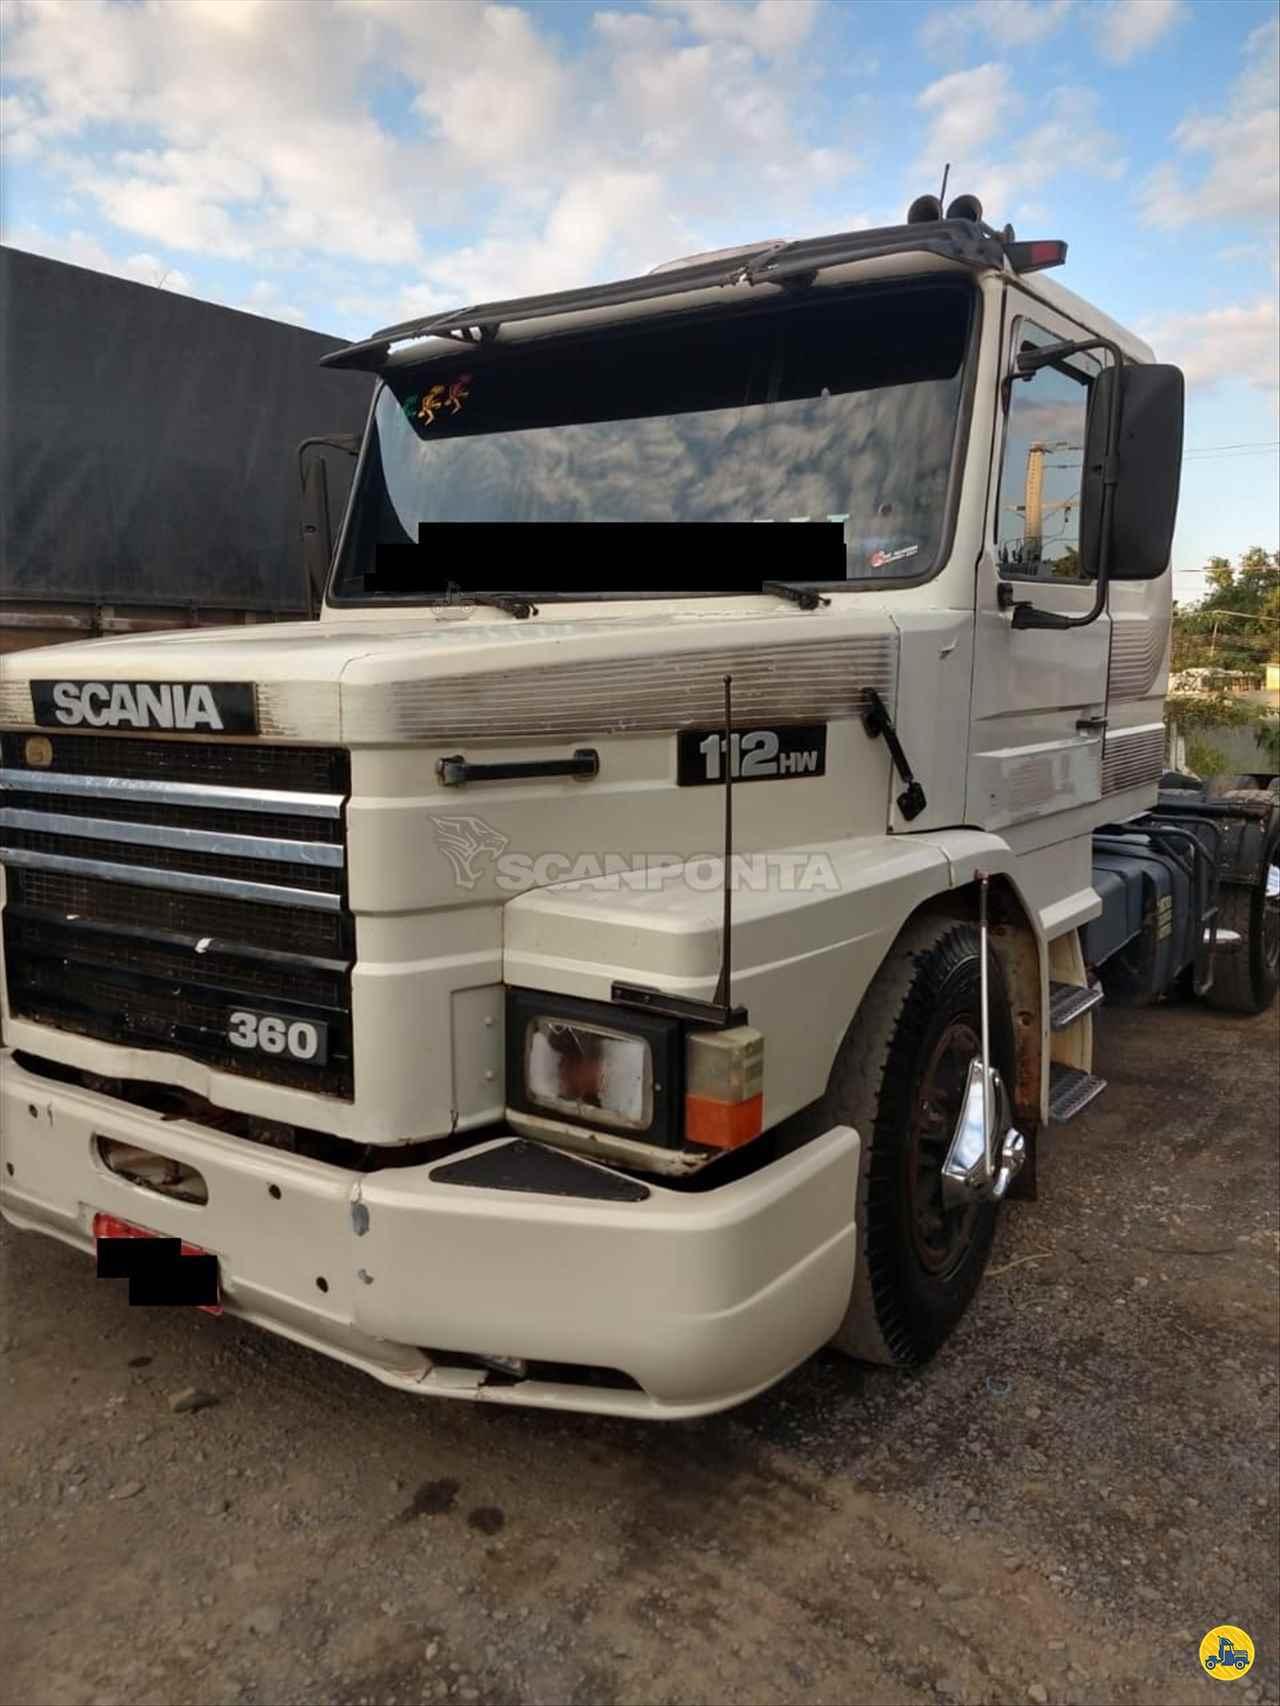 CAMINHAO SCANIA SCANIA 112 360 Cavalo Mecânico Truck 6x2 Scanponta Caminhões Peças e Serviços PONTA GROSSA PARANÁ PR